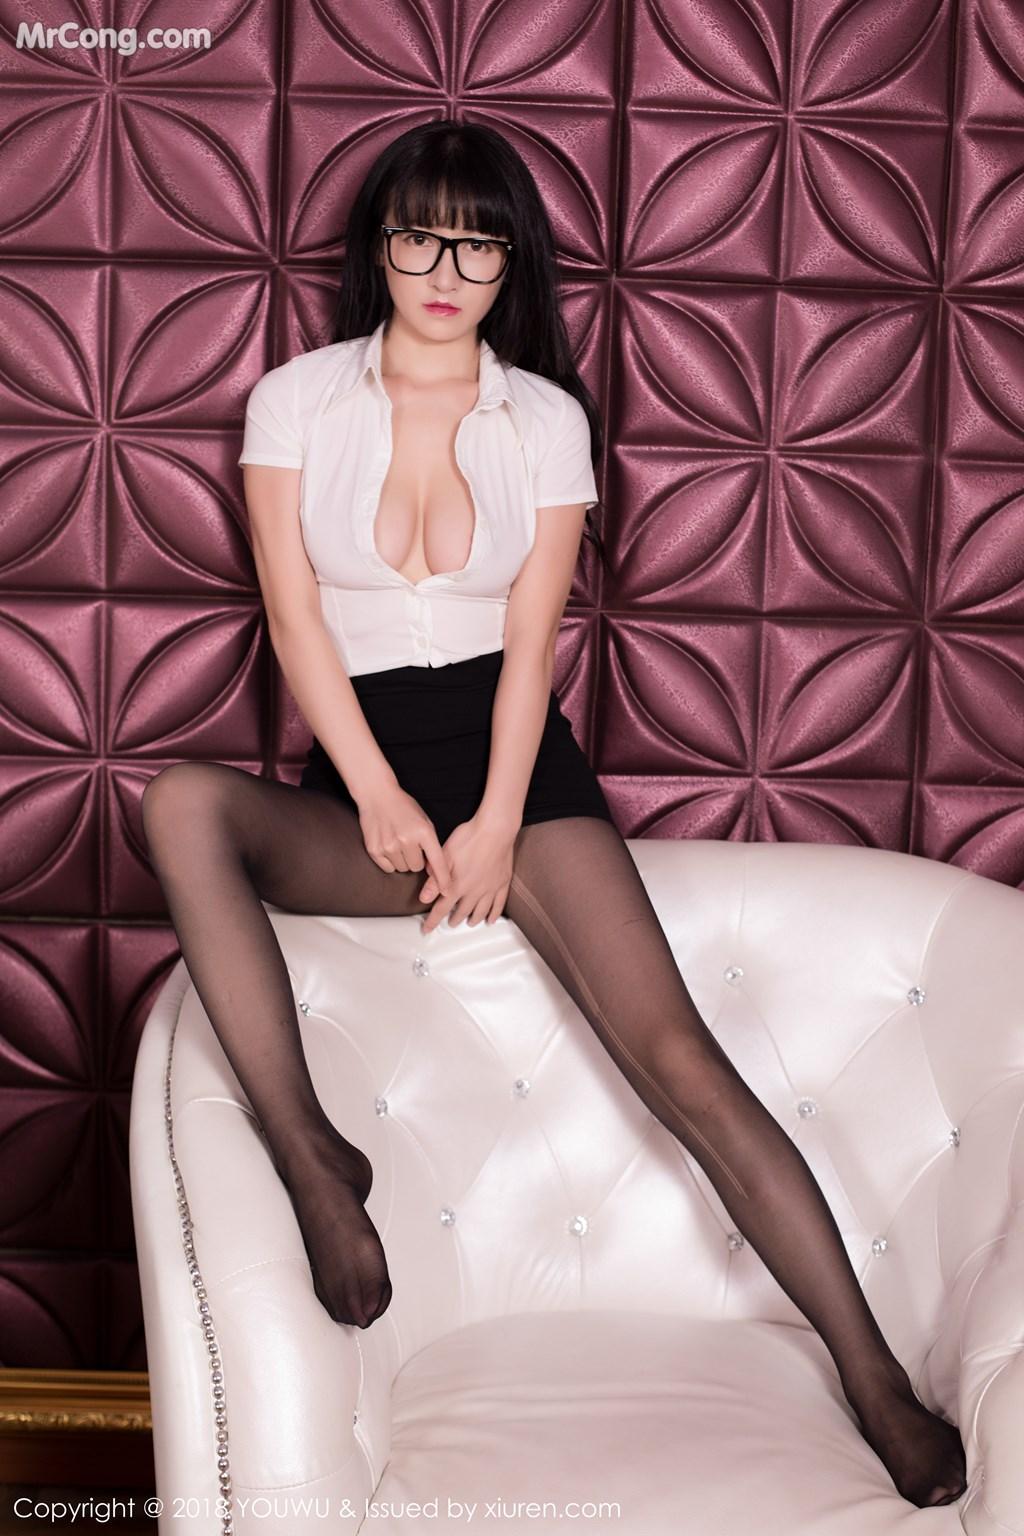 Image YouWu-Vol.102-Xiao-Tan-Ge-MrCong.com-009 in post YouWu Vol.102: Người mẫu Xiao Tan Ge (小探戈) (42 ảnh)